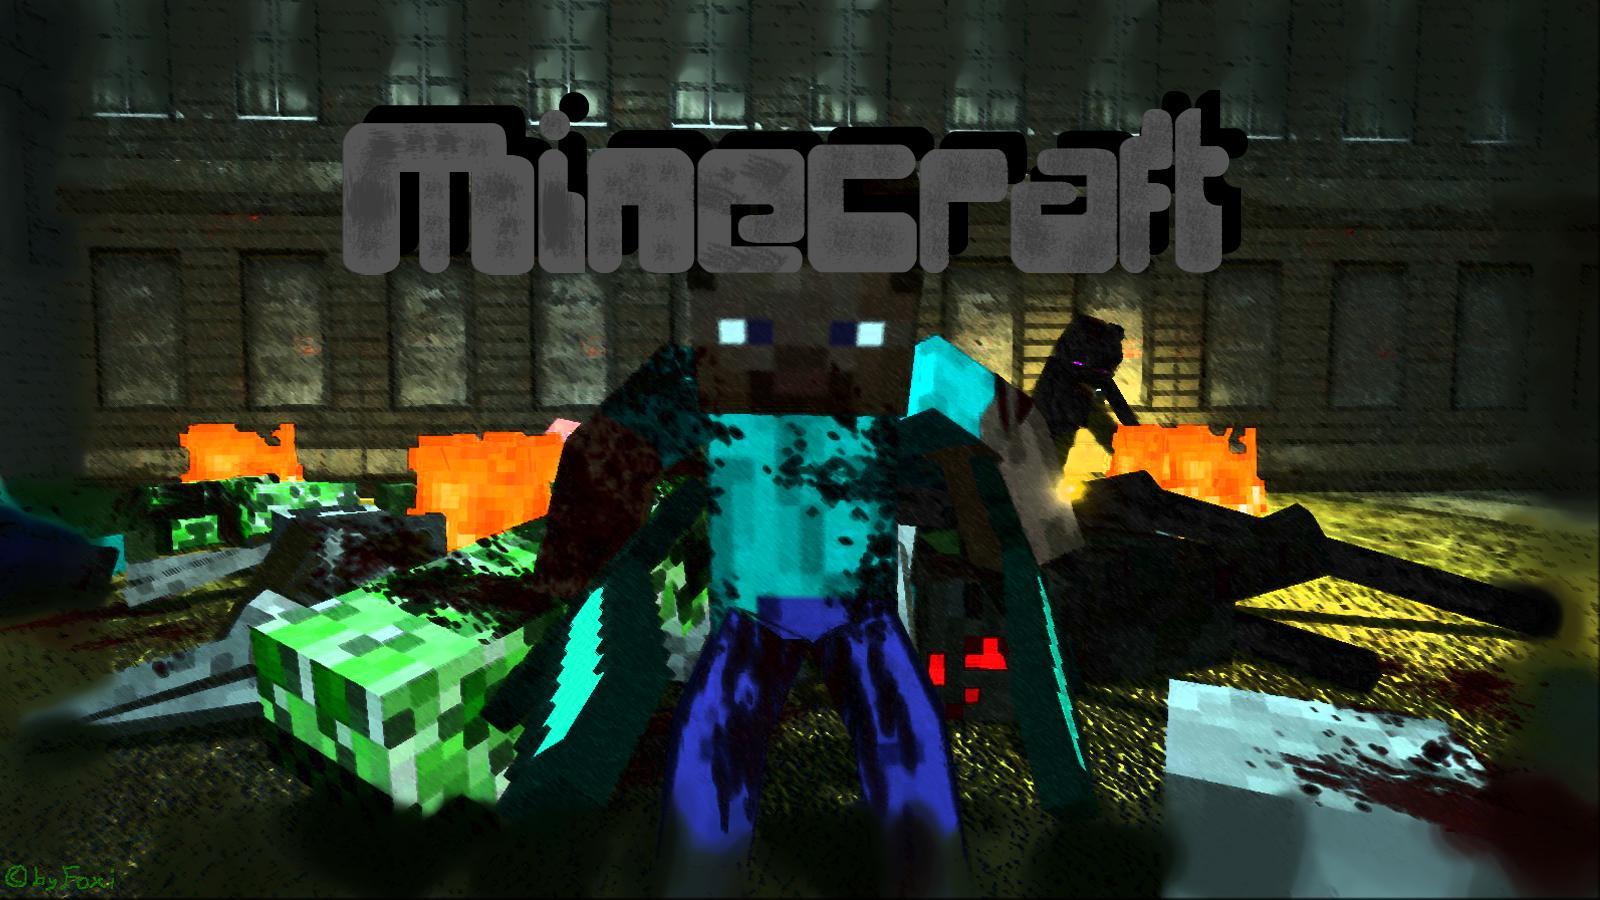 Minecraft Desktop Background   Discussion   Minecraft Discussion 1600x900